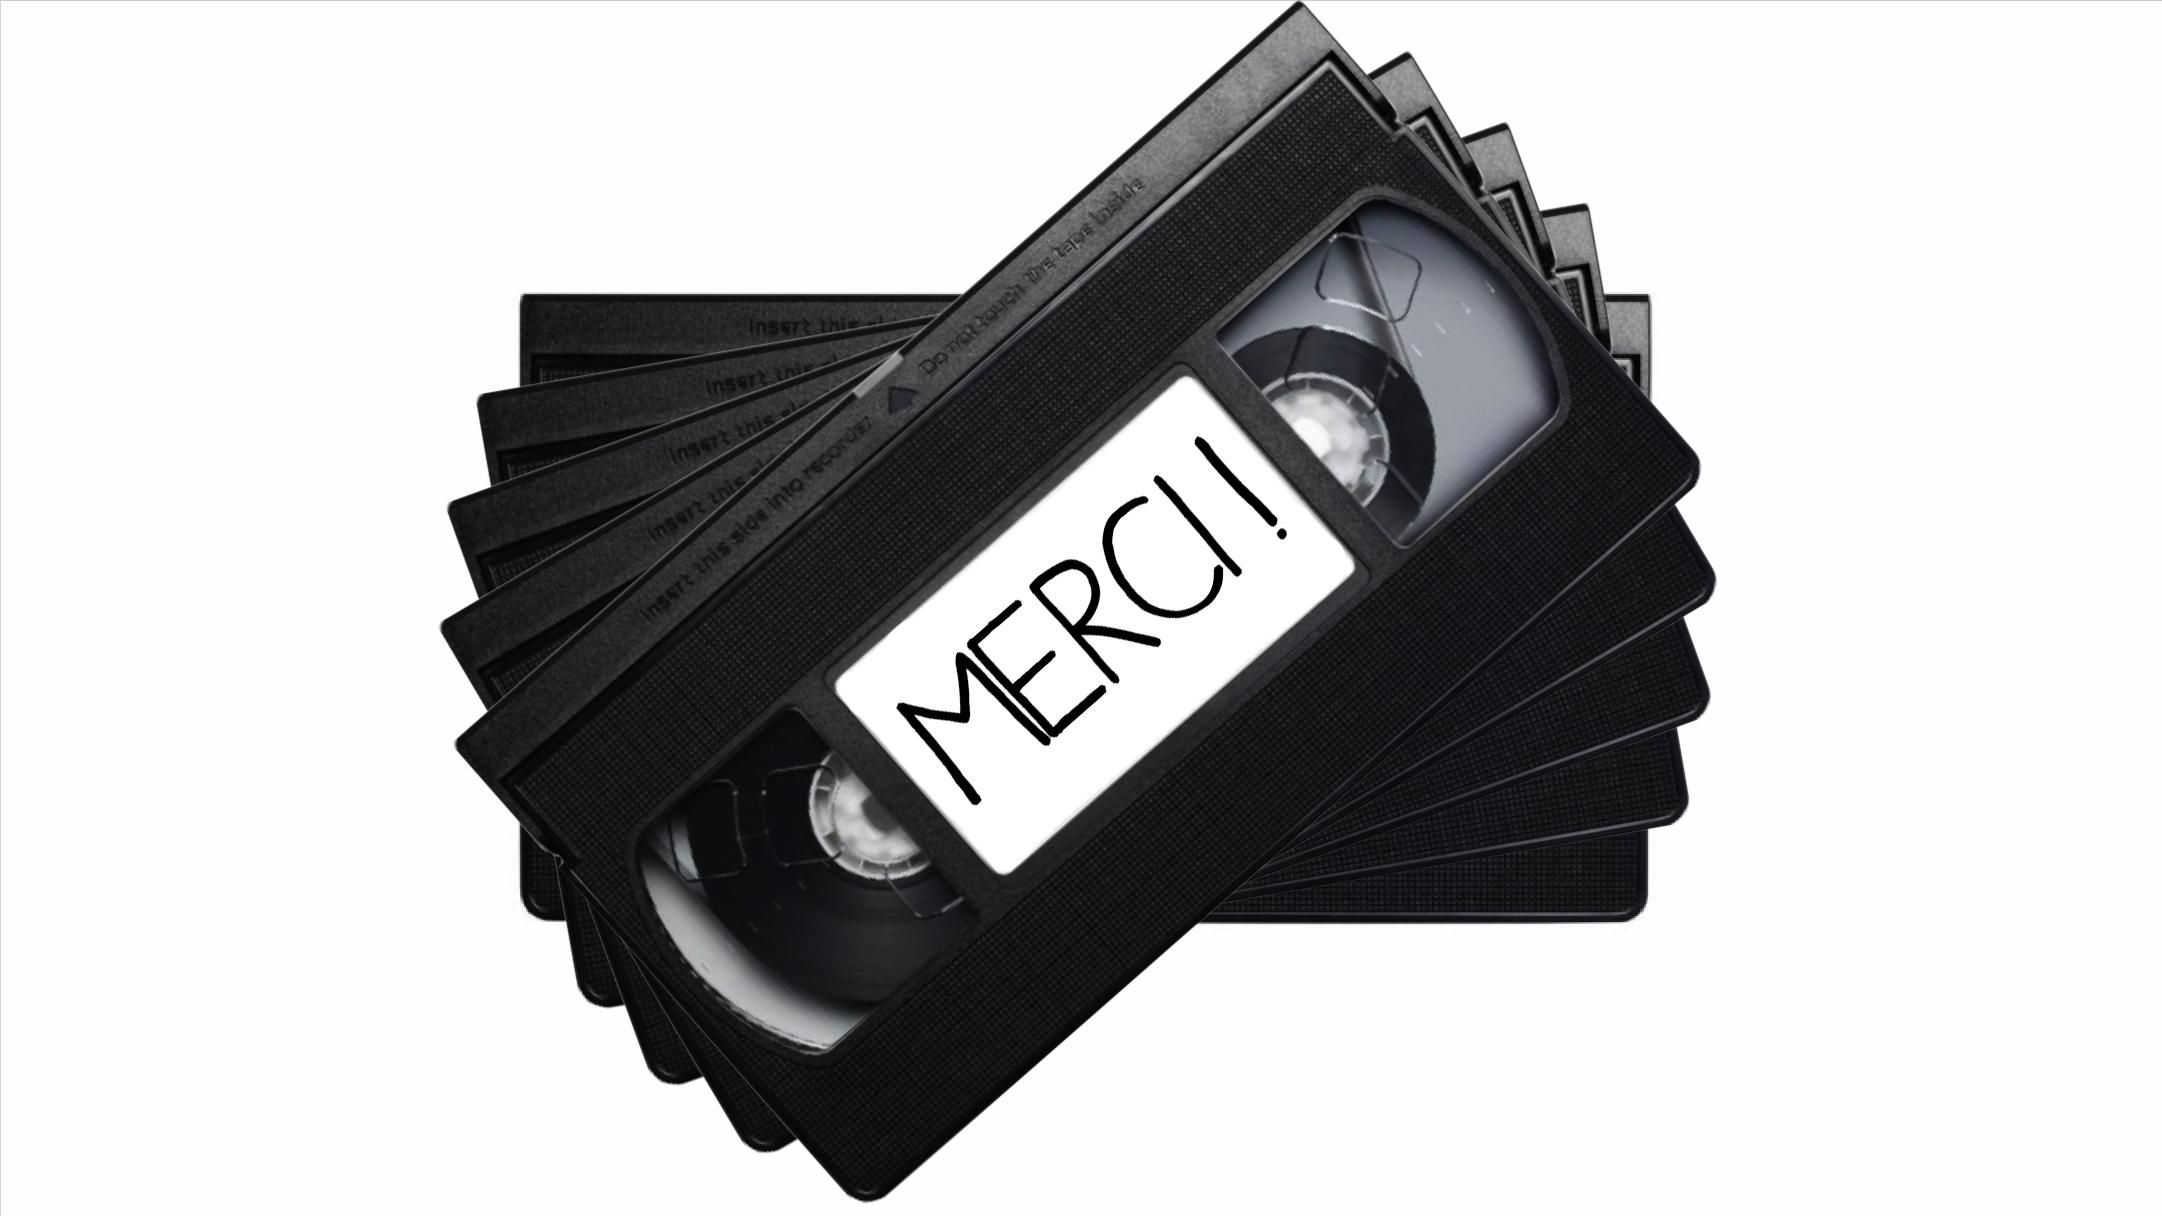 MERCI_4-1494336994.jpg